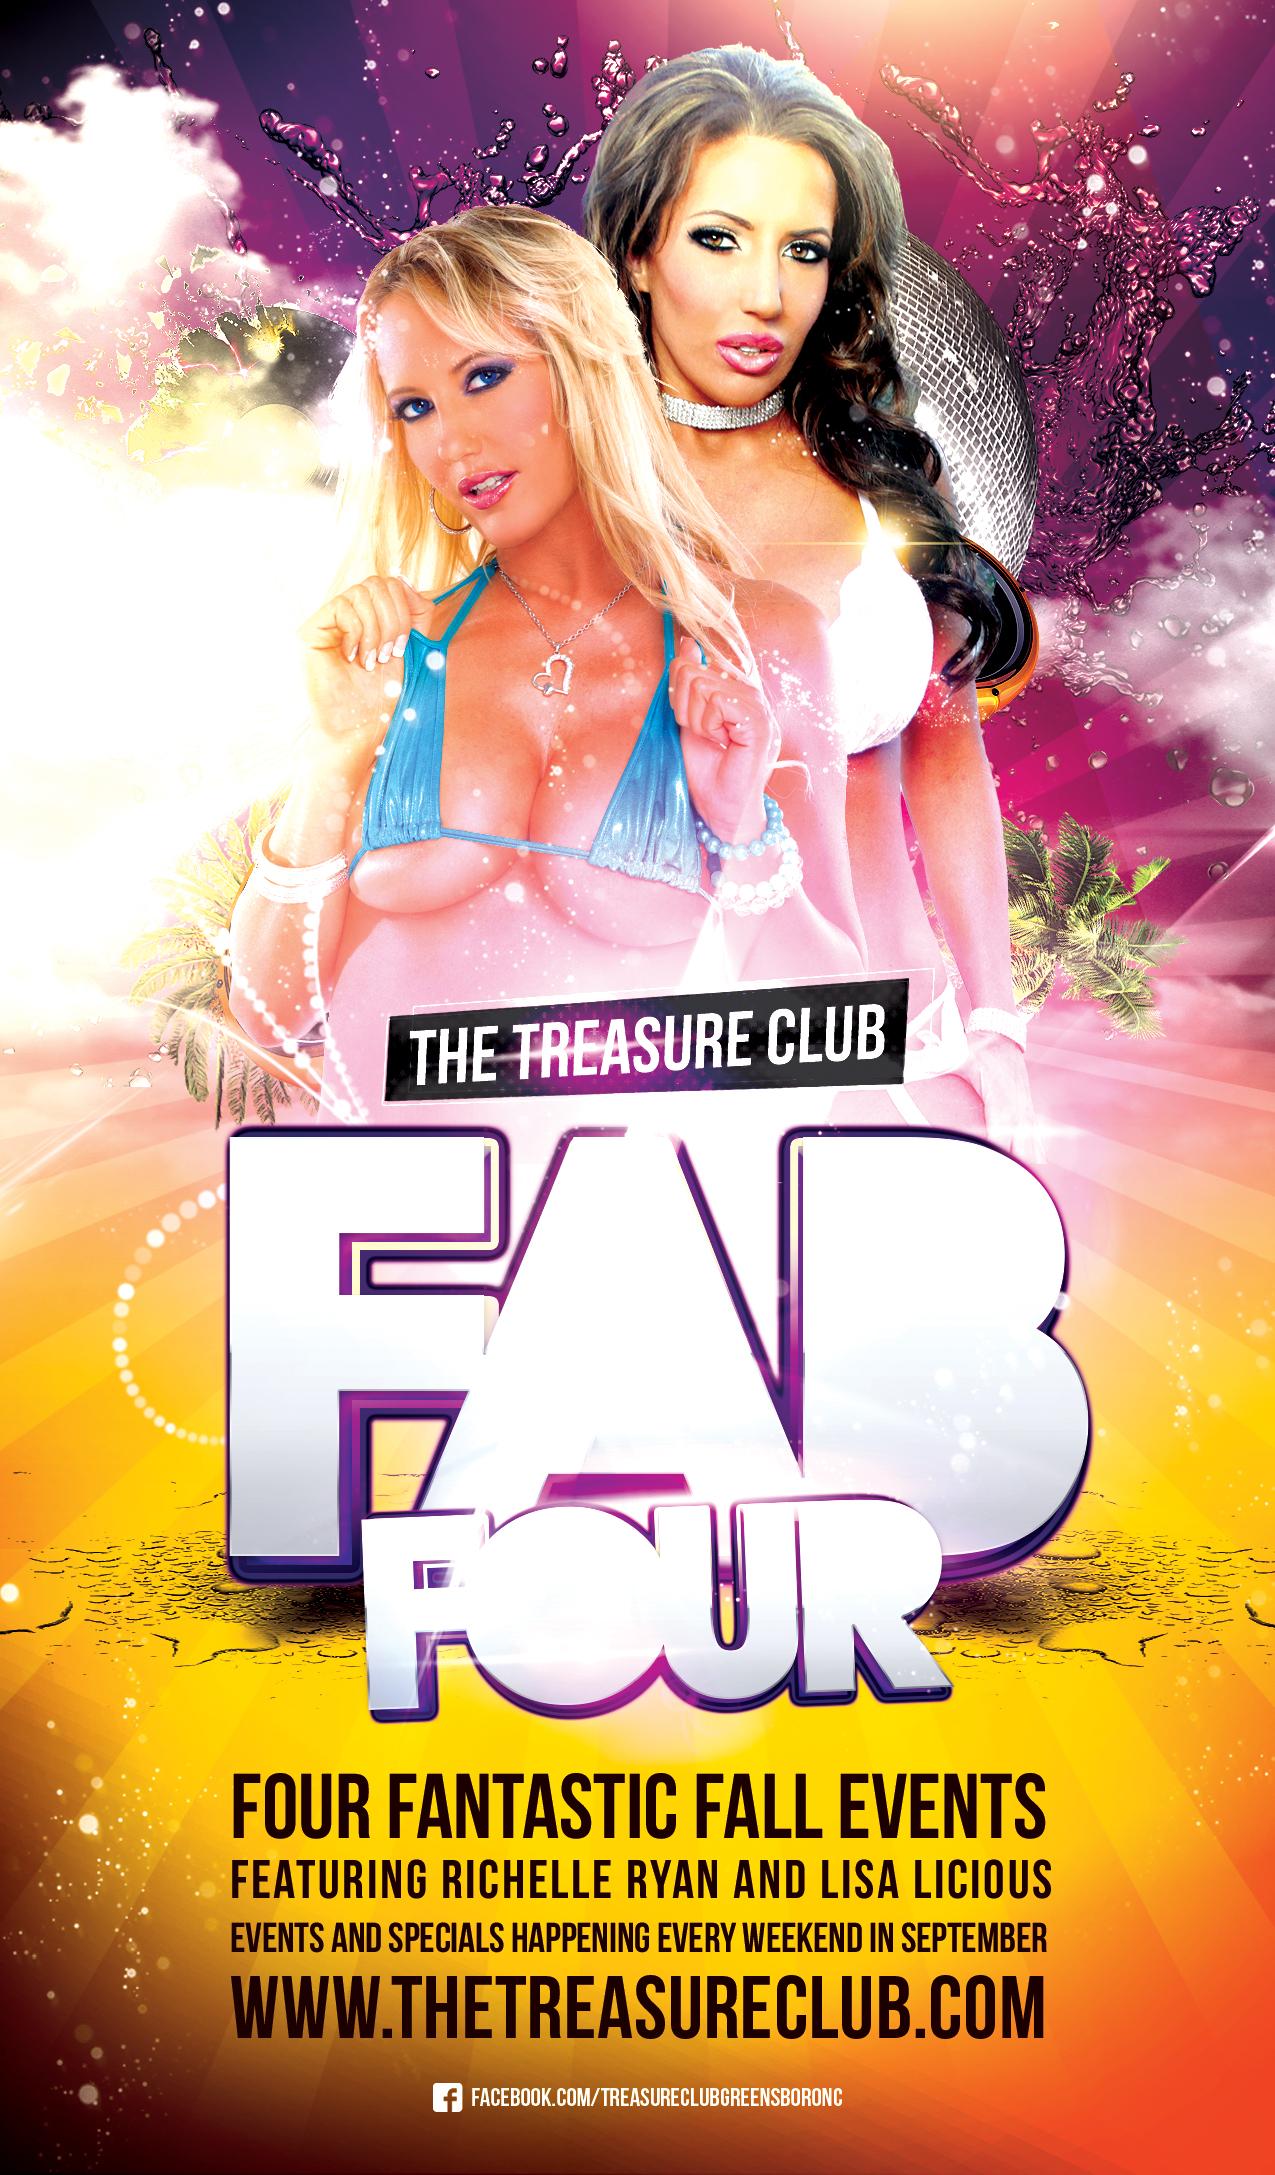 Treasure Club Of Asheville Nc Erotic Exotic Dancer Sex